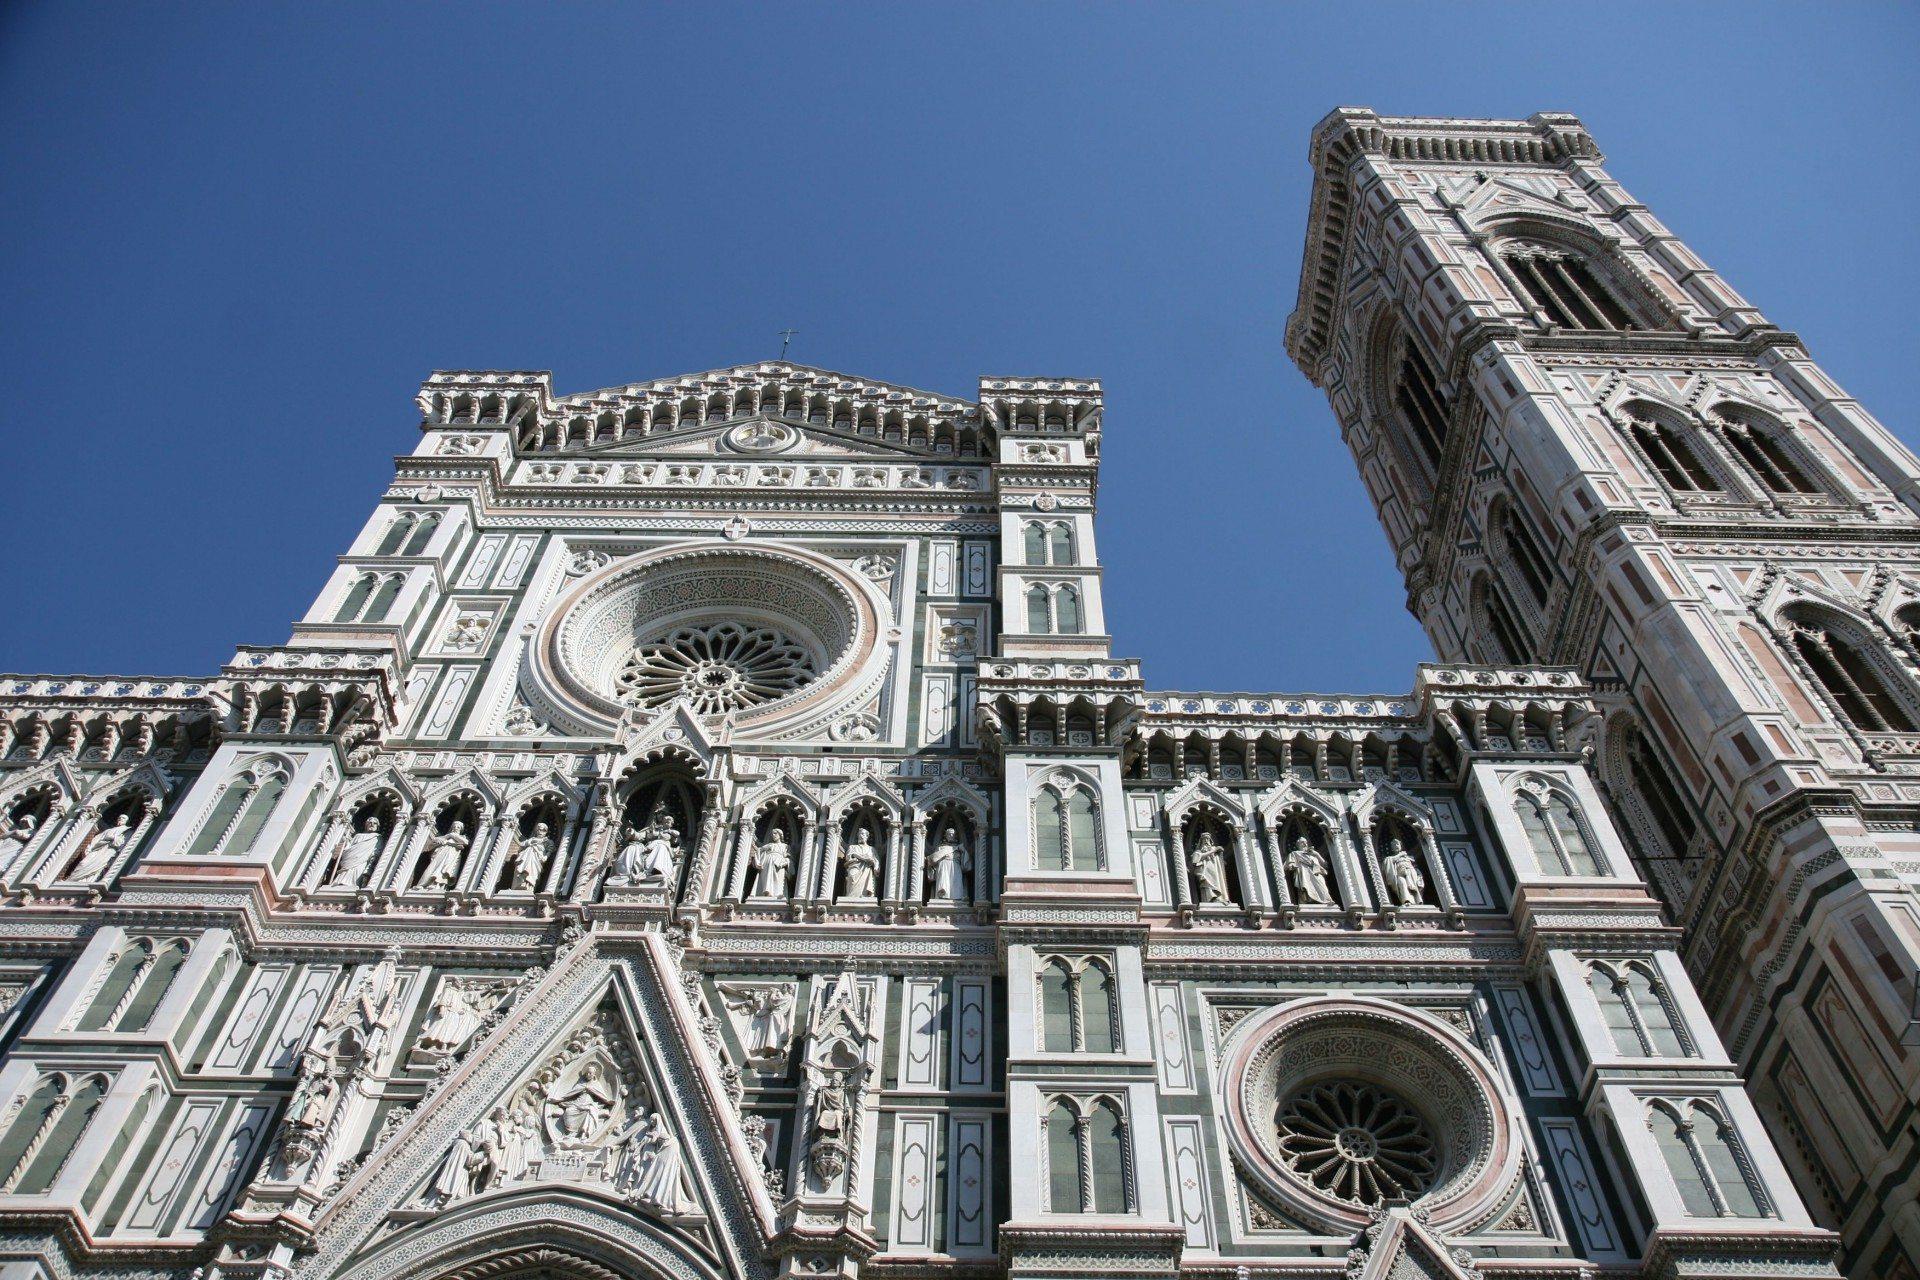 Dom Santa Maria del Fiore. In Florenz